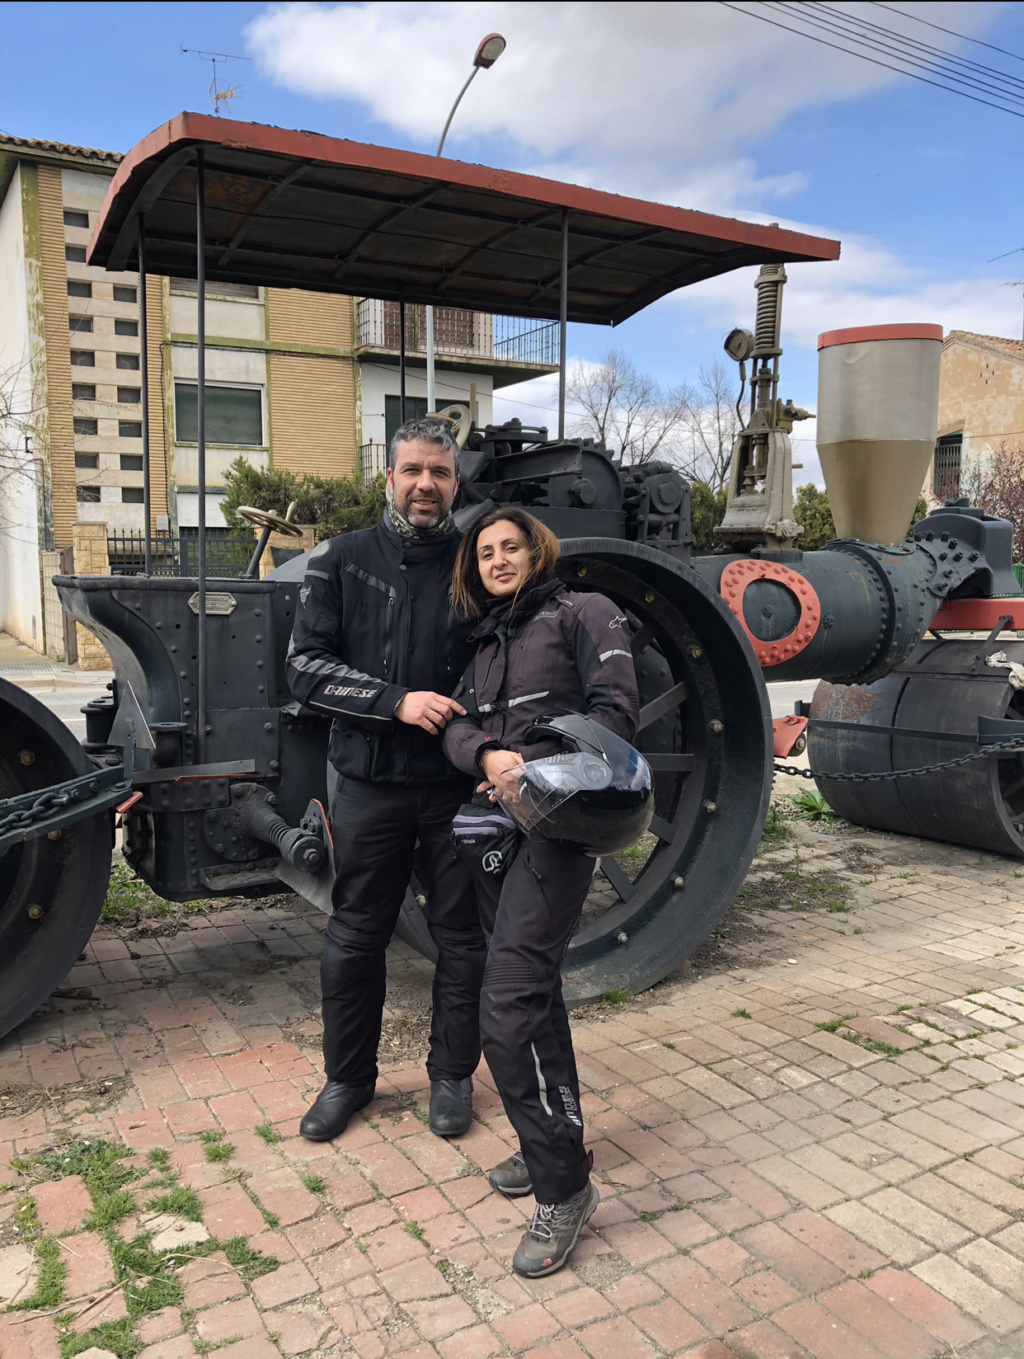 QUEDADAS (ARA): Visita al Museo Ossa en Utebo. 09.03.2019  - Página 2 Ccbf2710